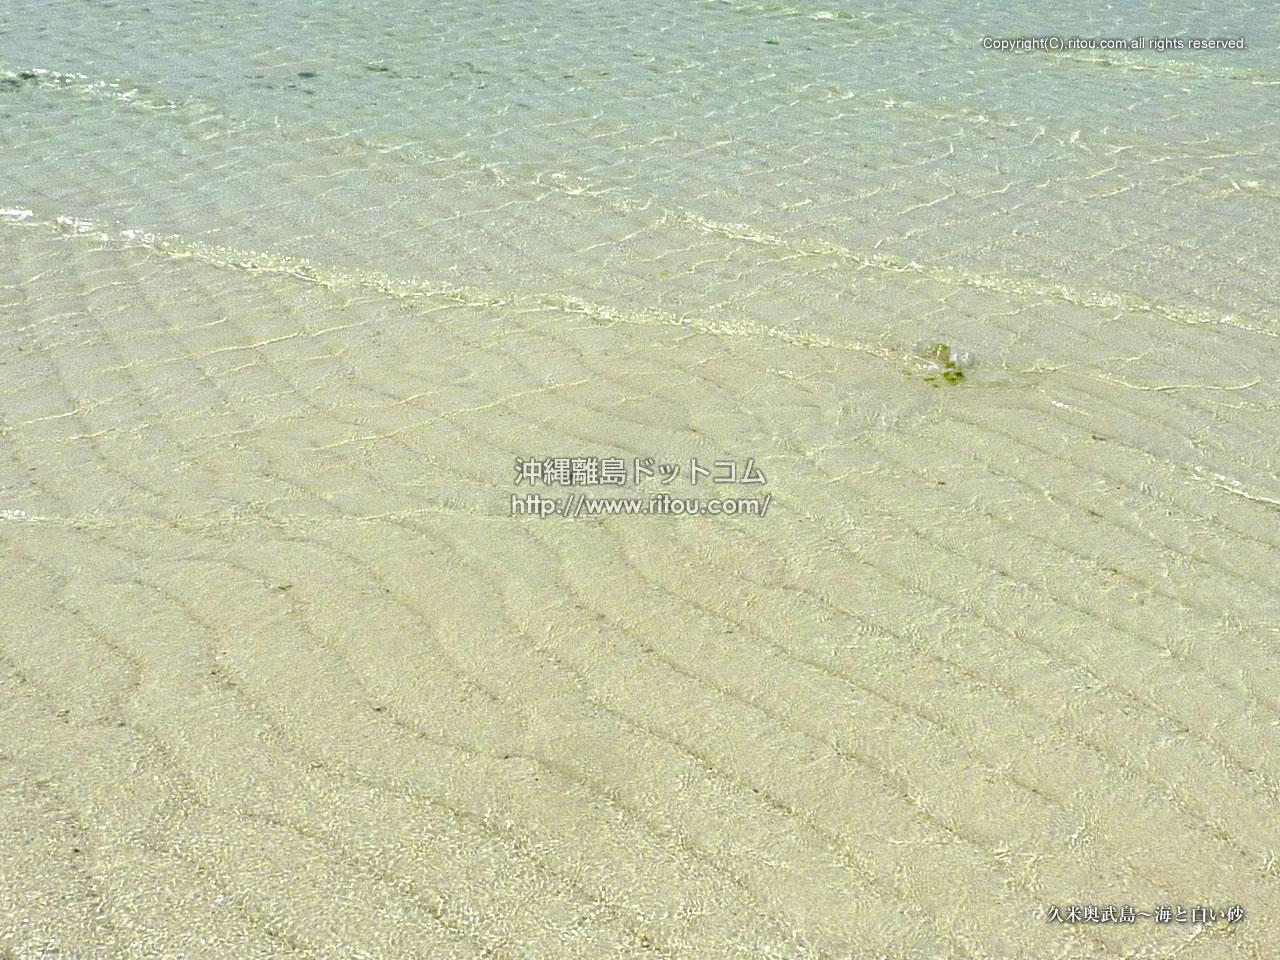 久米奥武島〜海と白い砂